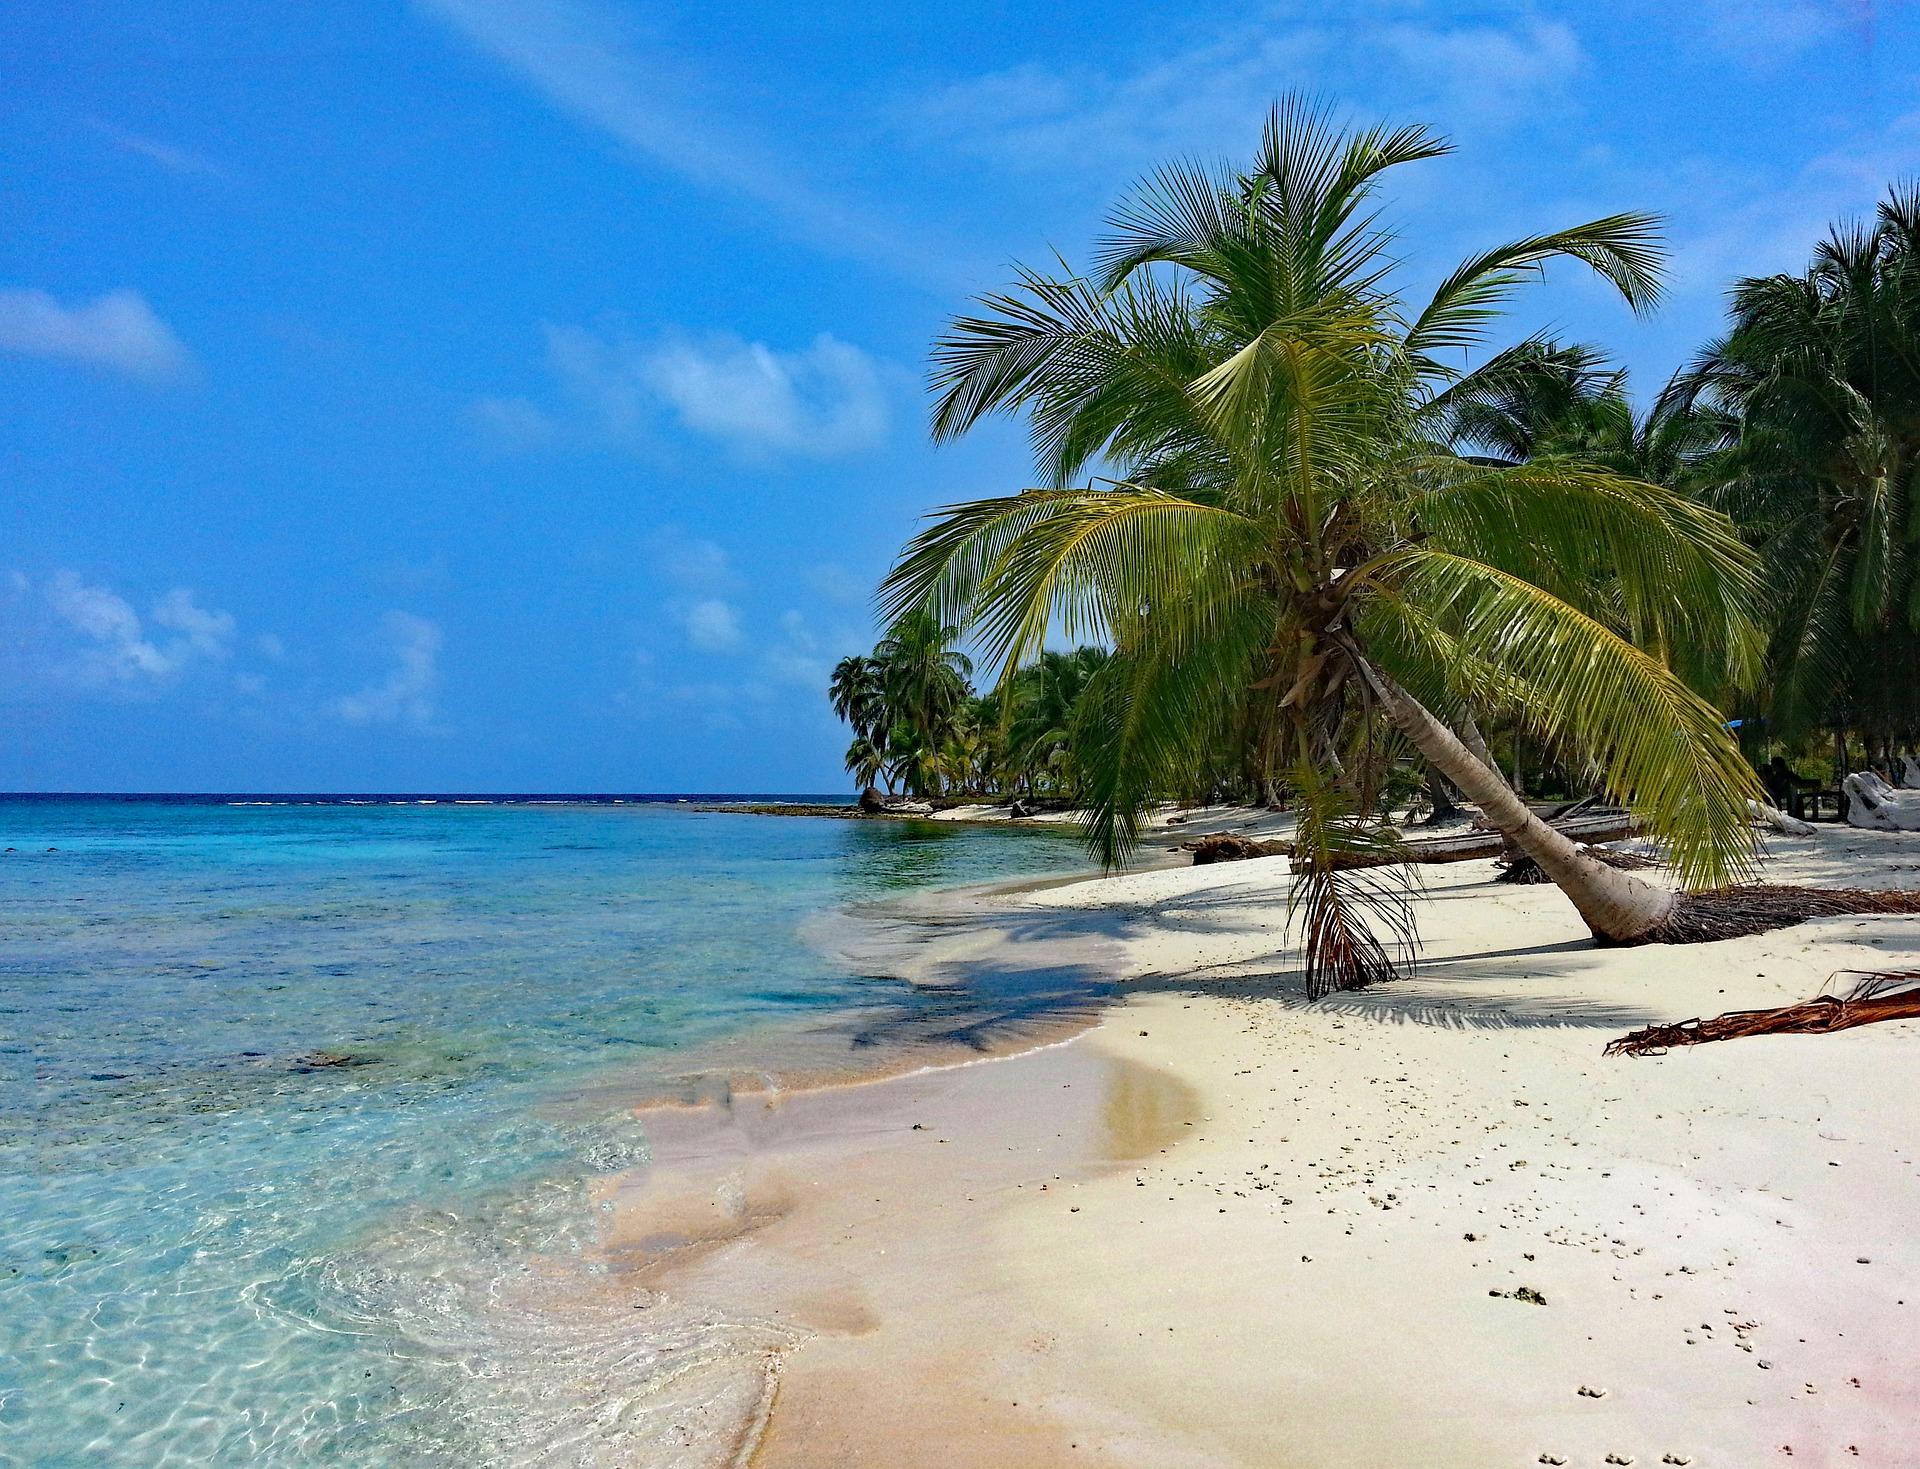 panama cosa vedere spiagge